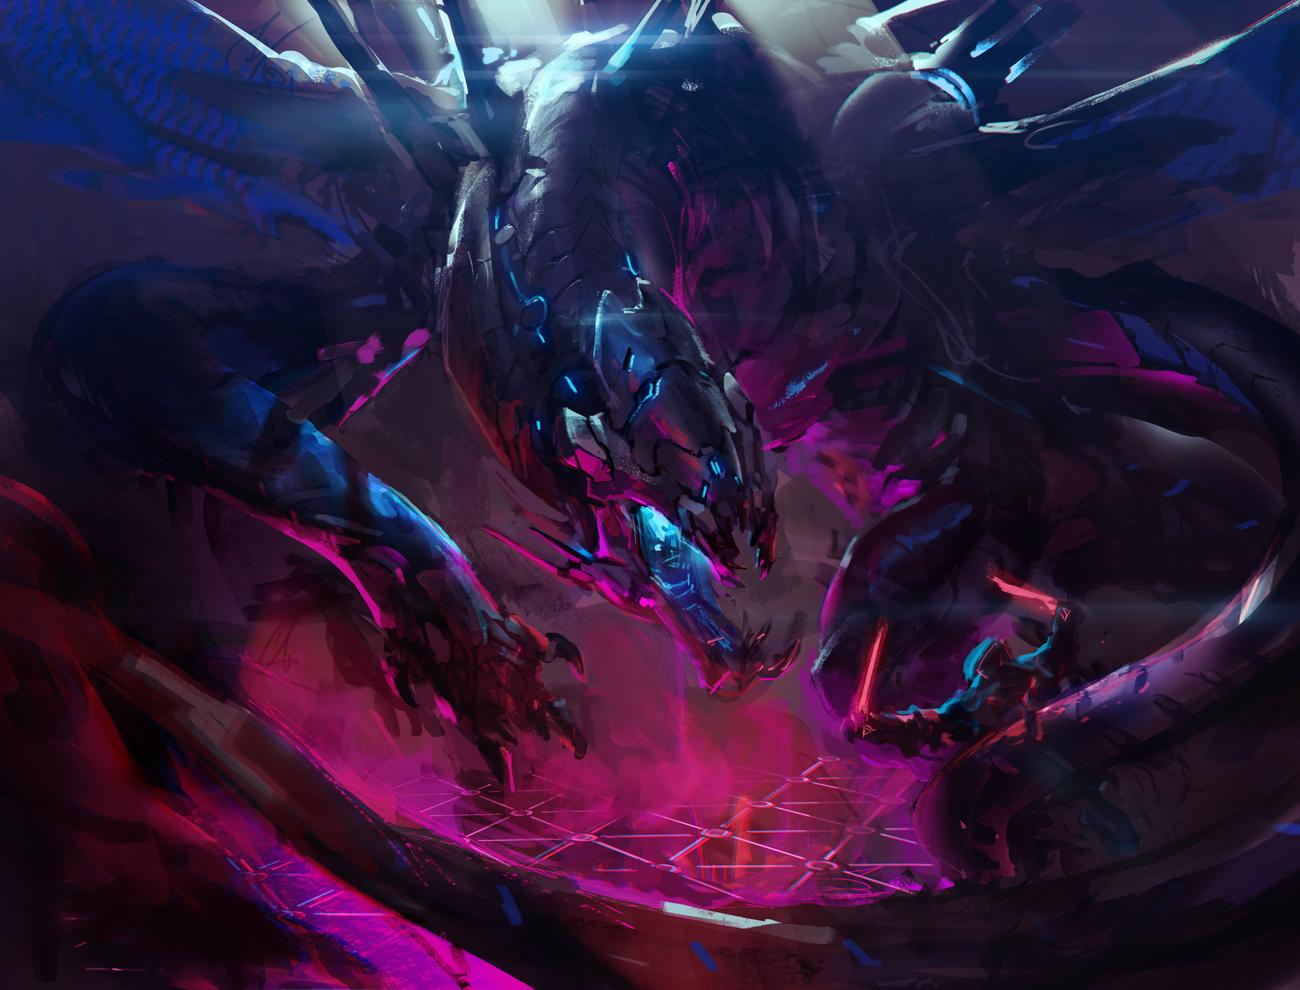 Cybernetic Dragon by rawwad